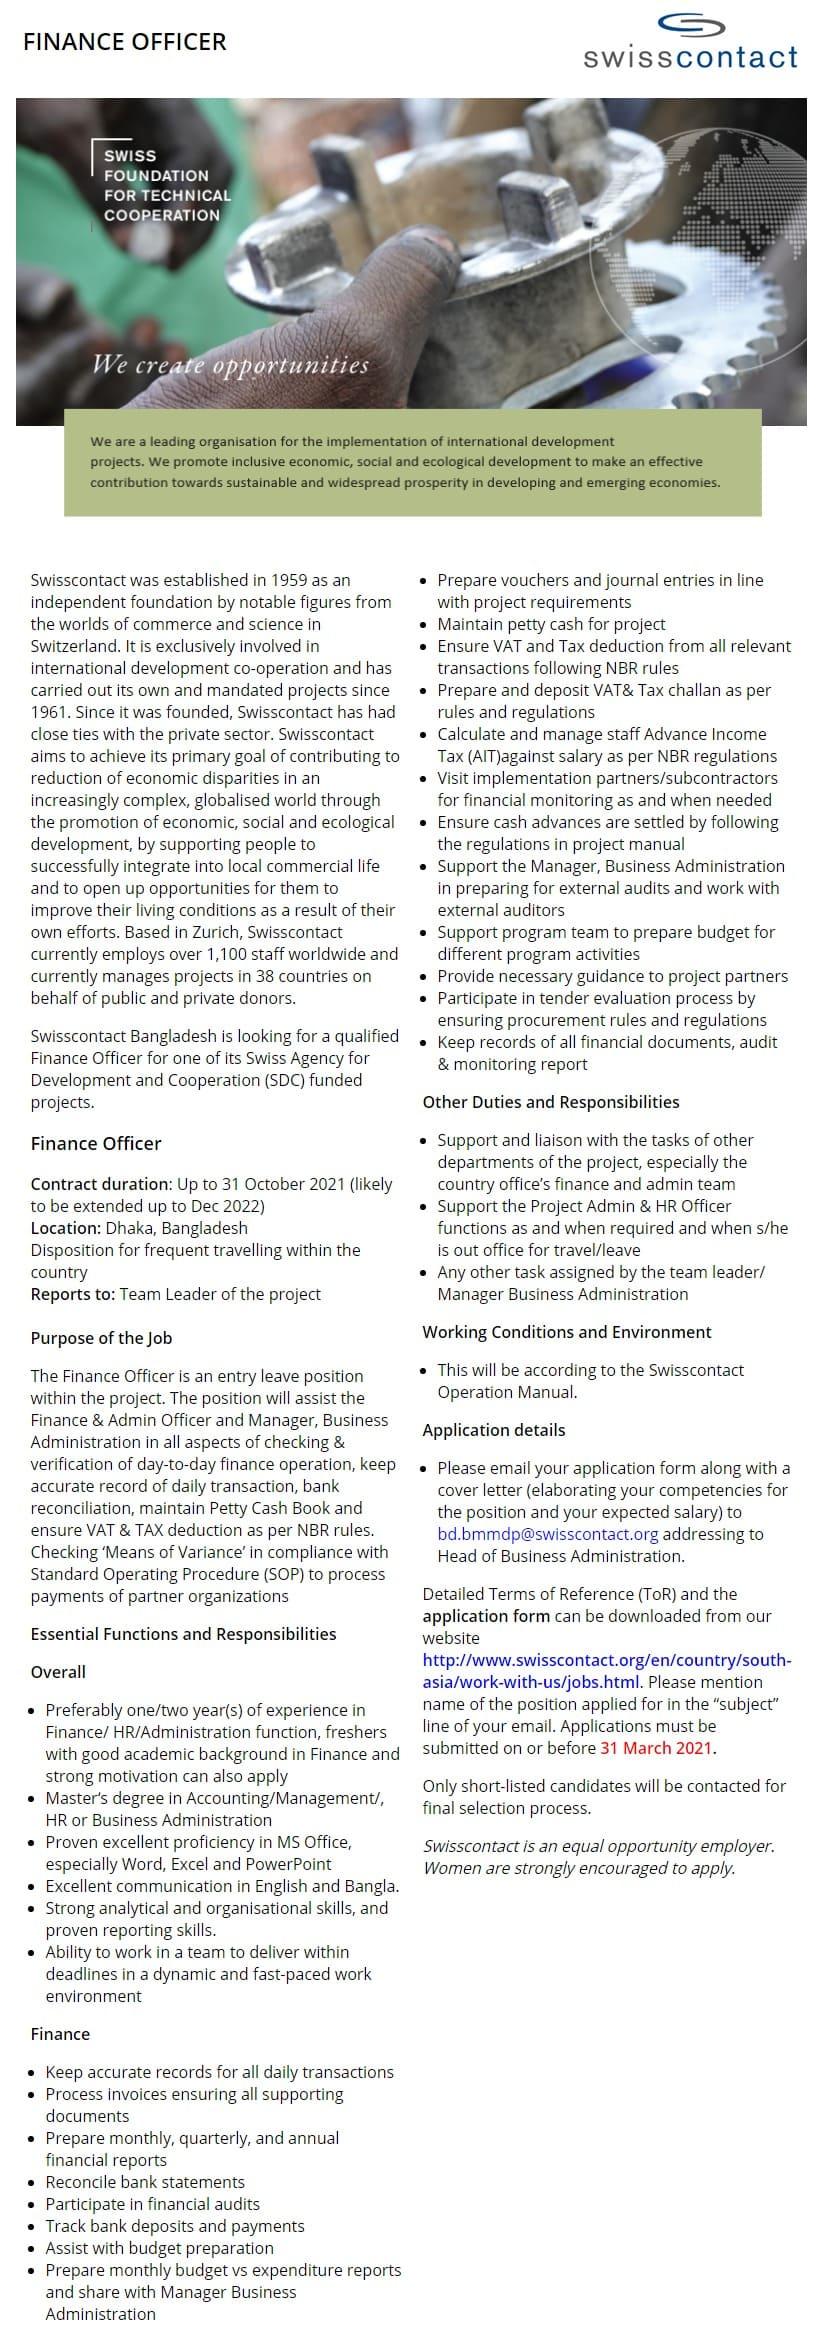 Swisscontact Job Circular 2021